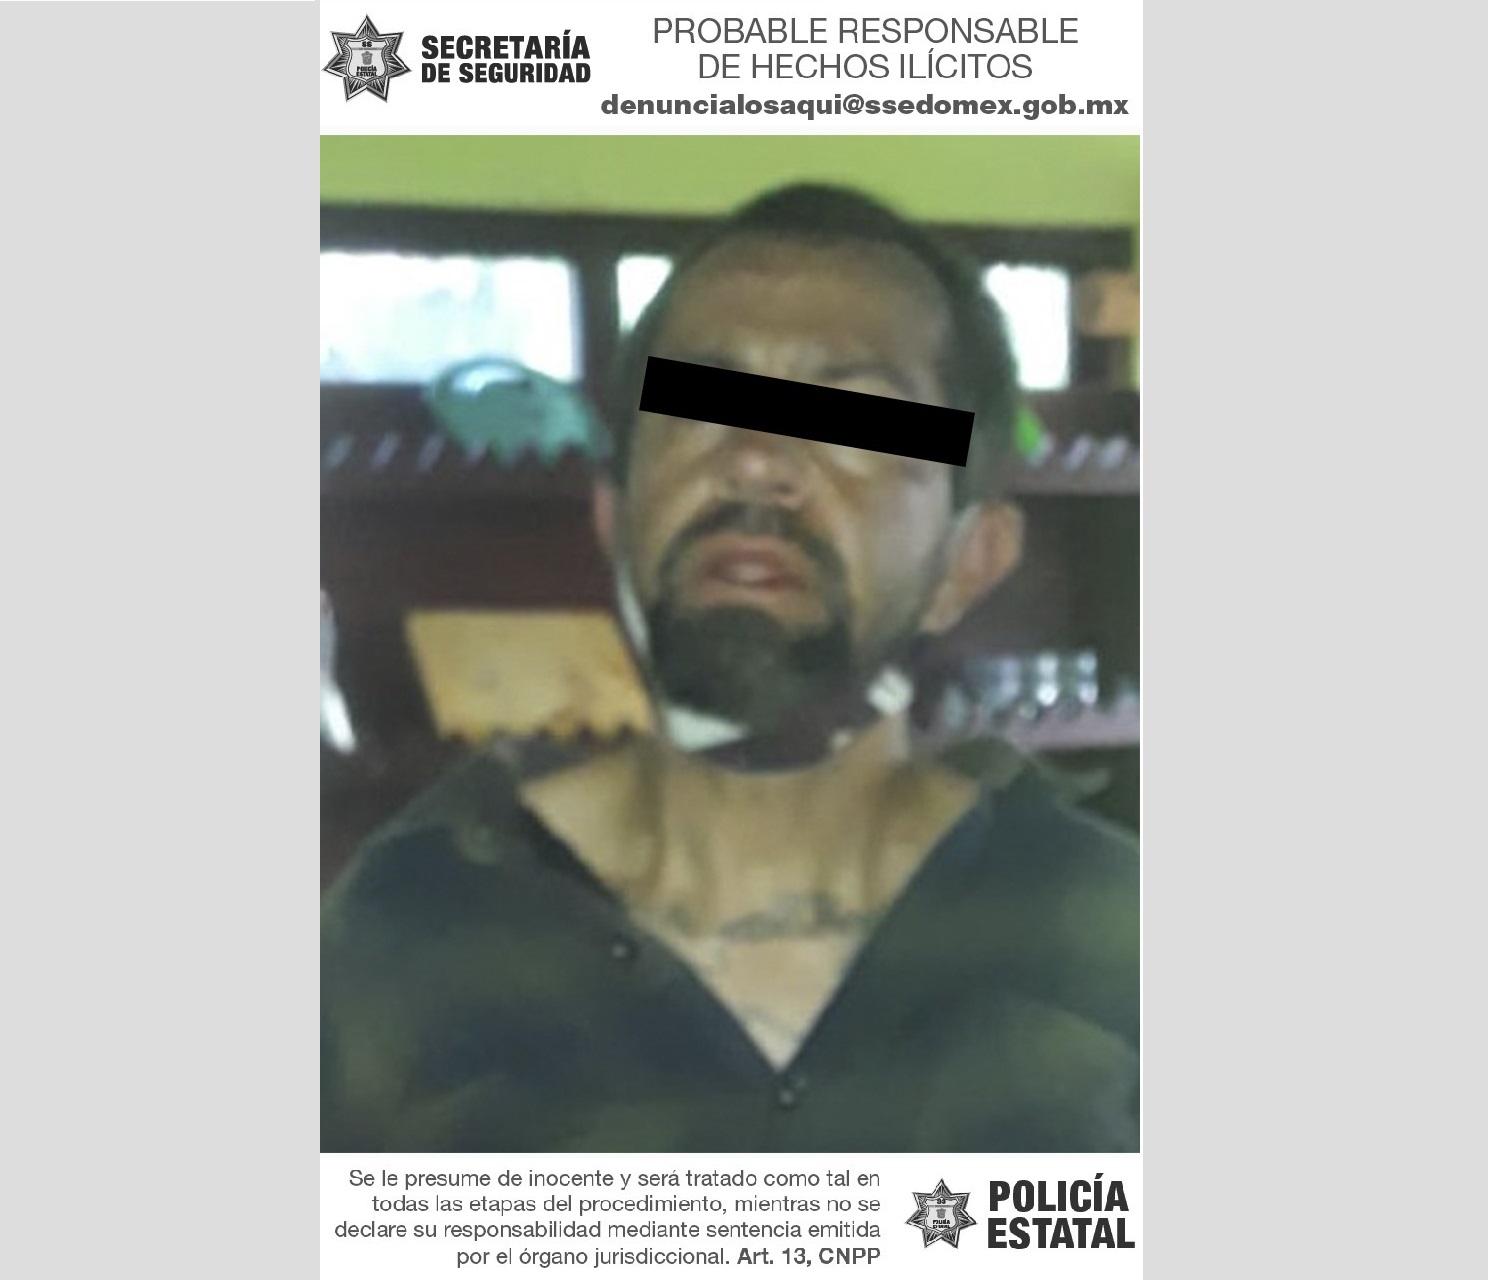 RESCATAN A MUJER VÍCTIMA DE VIOLENCIA DE GÉNERO, HAY UN DETENIDO